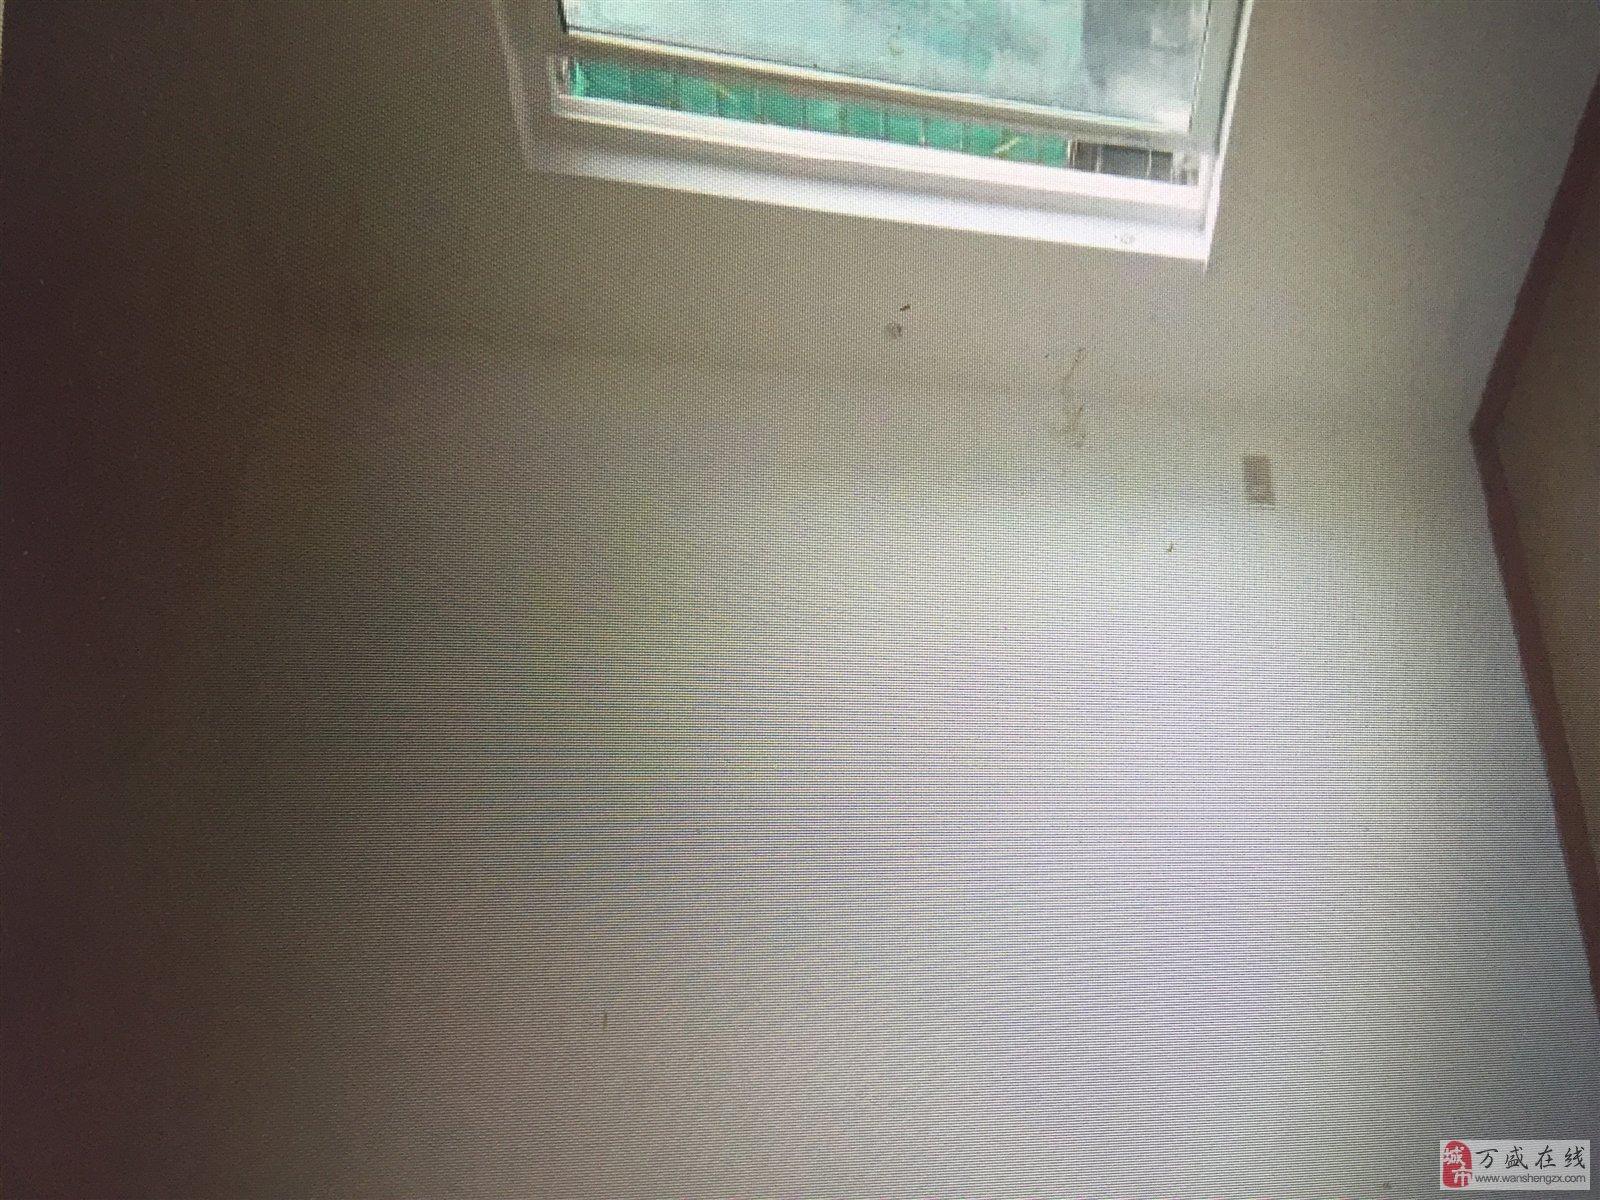 江山城三室精裝修,家電齊全,隨時看房!